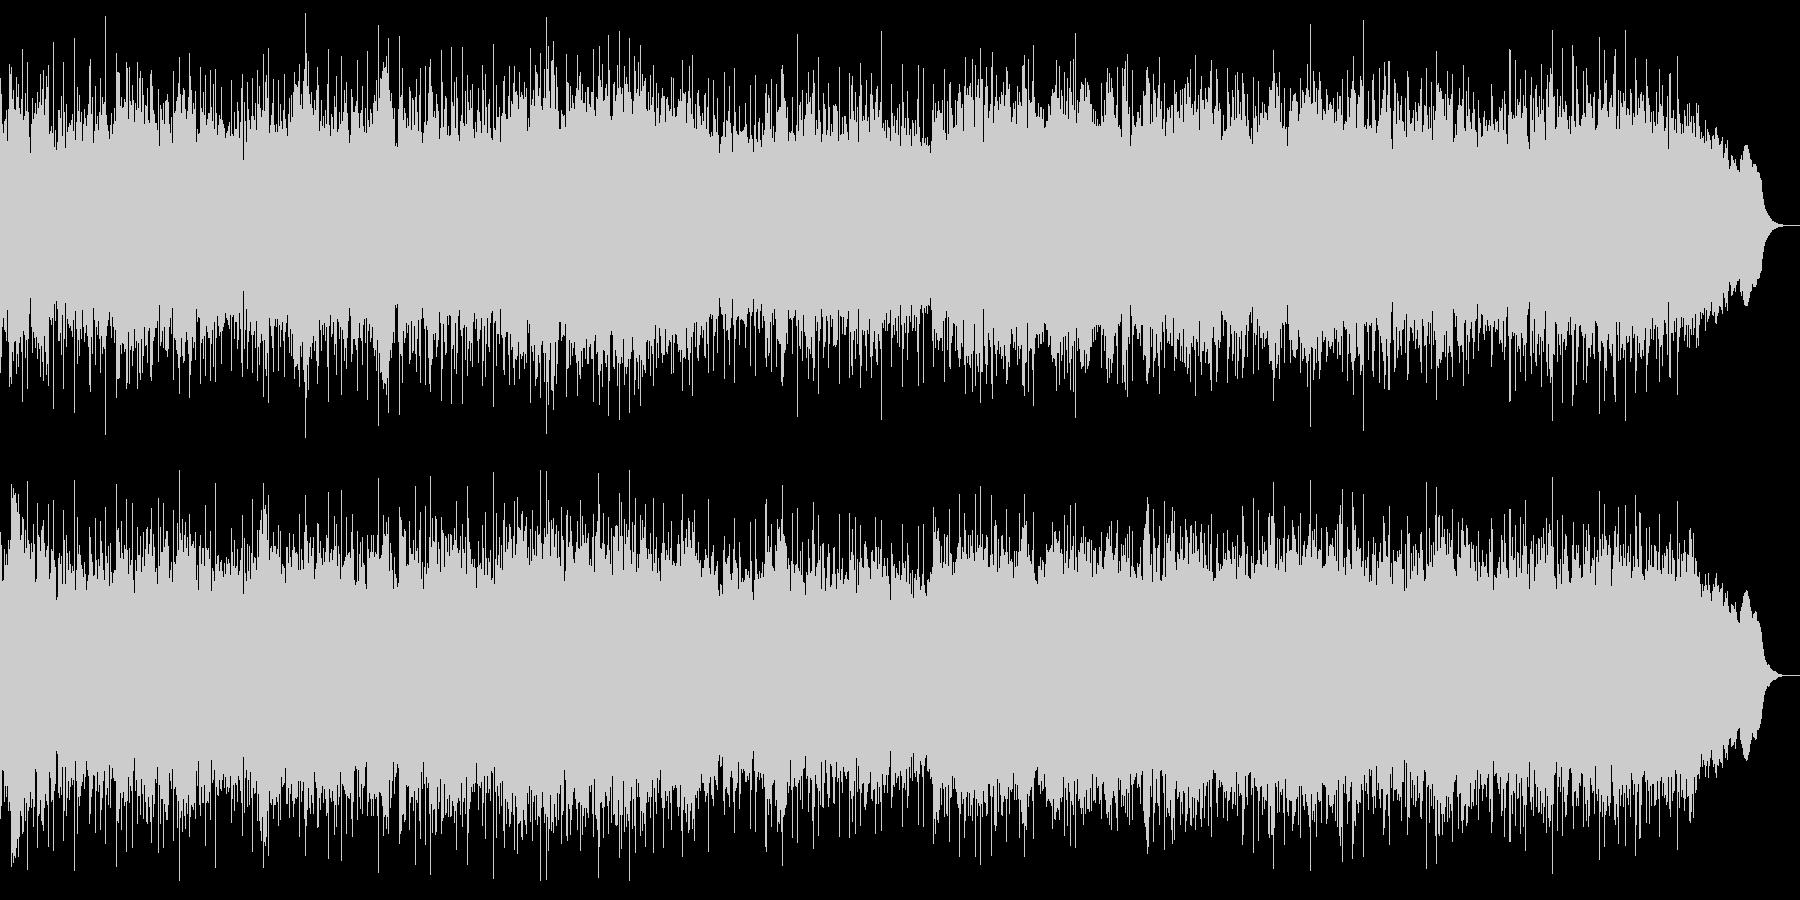 ダークな戦闘曲 ヘビーメタルのインストの未再生の波形